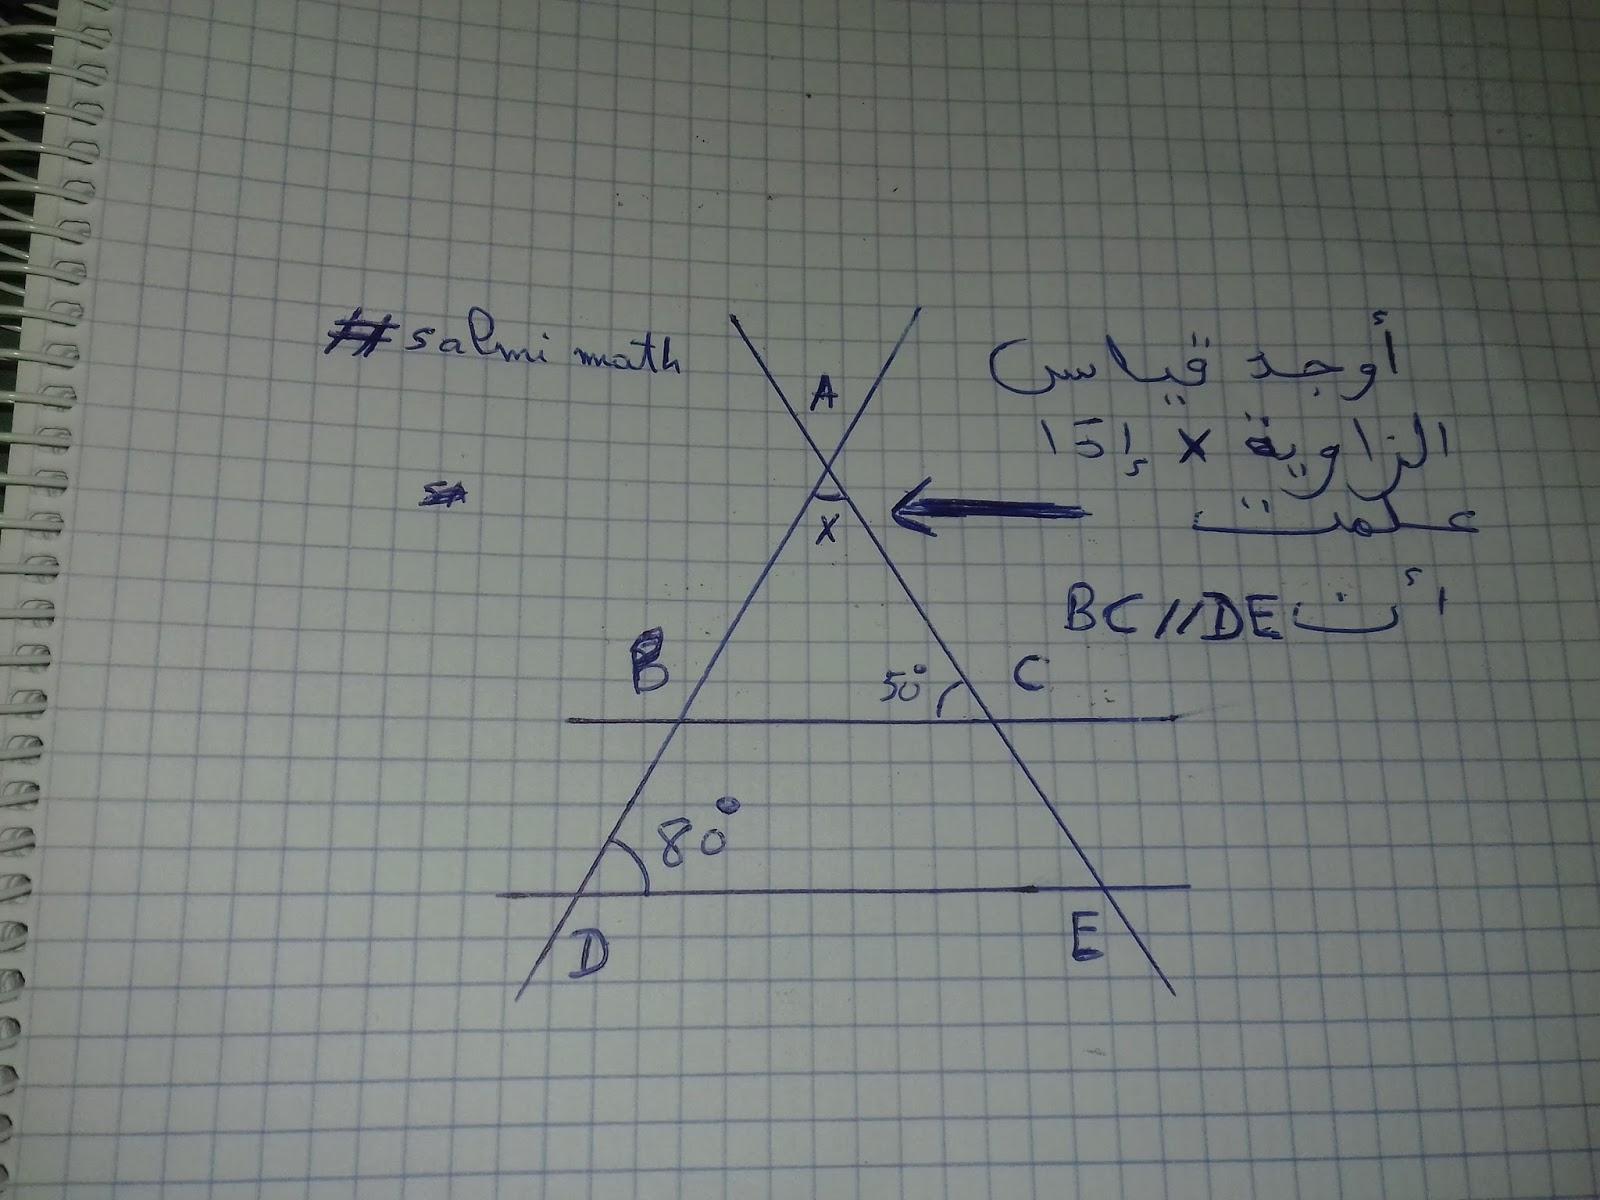 أوجد قياس الزاوية X ادا علمت أنت BC//DE ؟